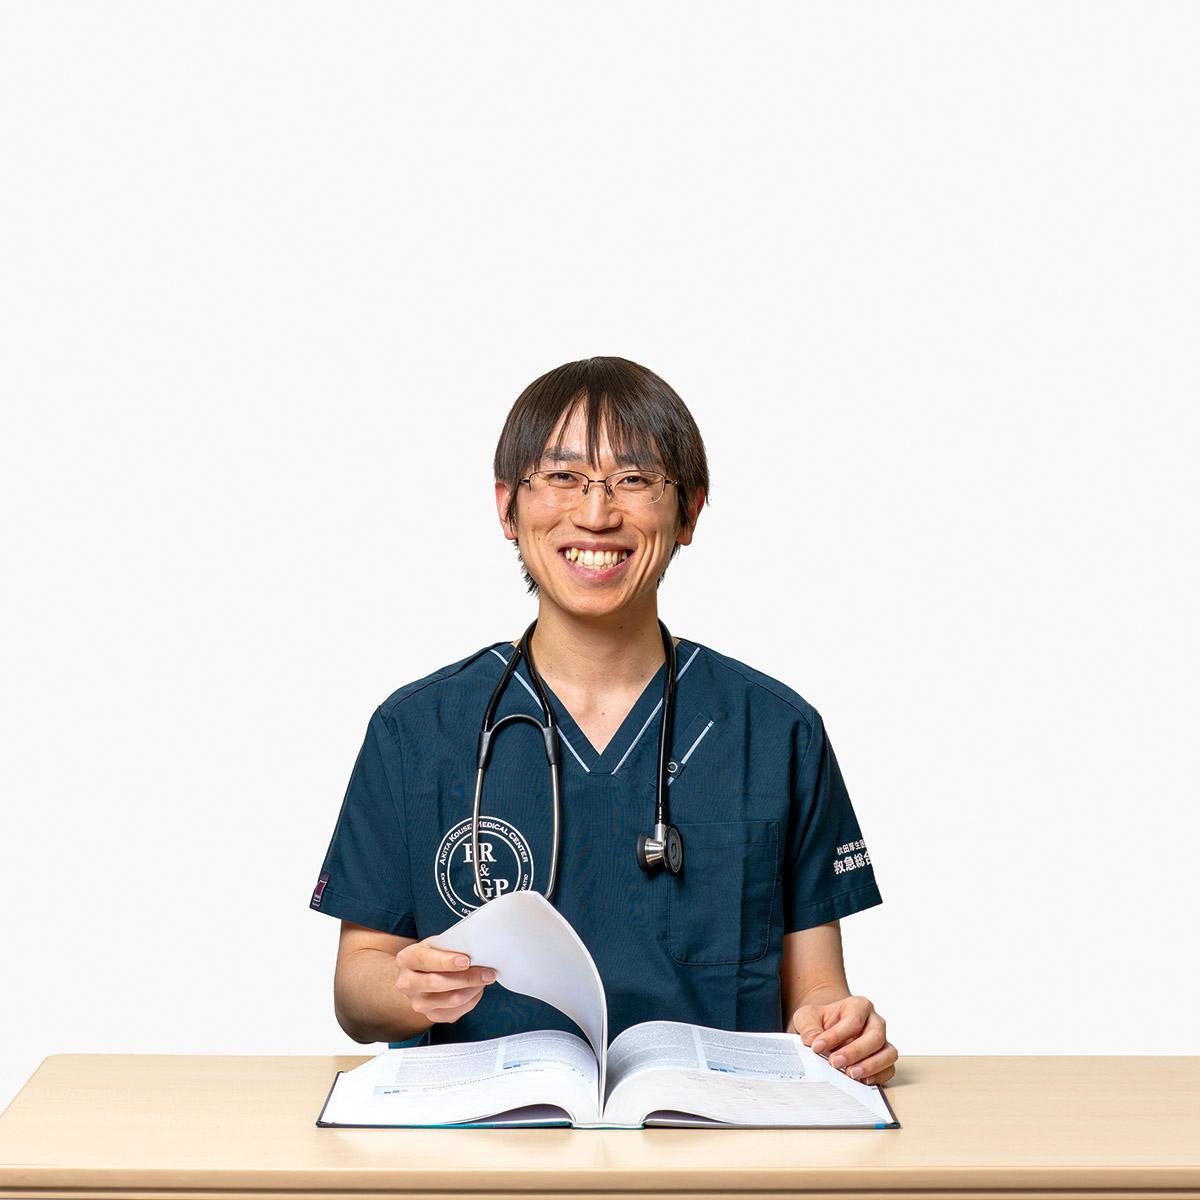 パンフレット用写真撮影「秋田厚生医療センター」様